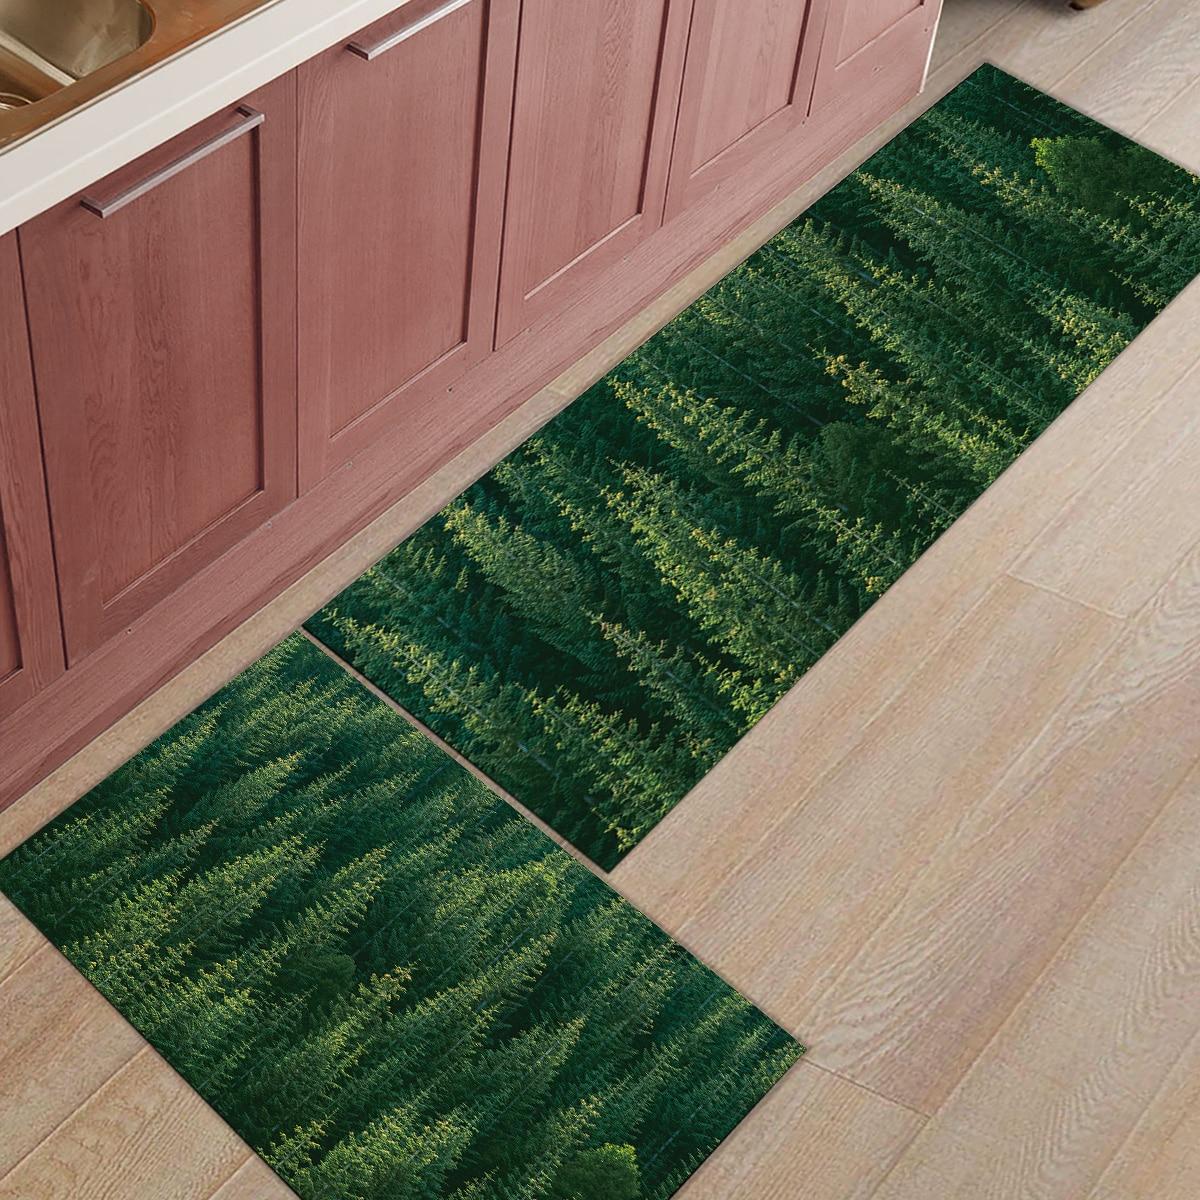 Tapis de cuisine 2 pièces beau paysage naturel de la forêt primitive paillassons pour entrée façon salle de bain salon porte tapis